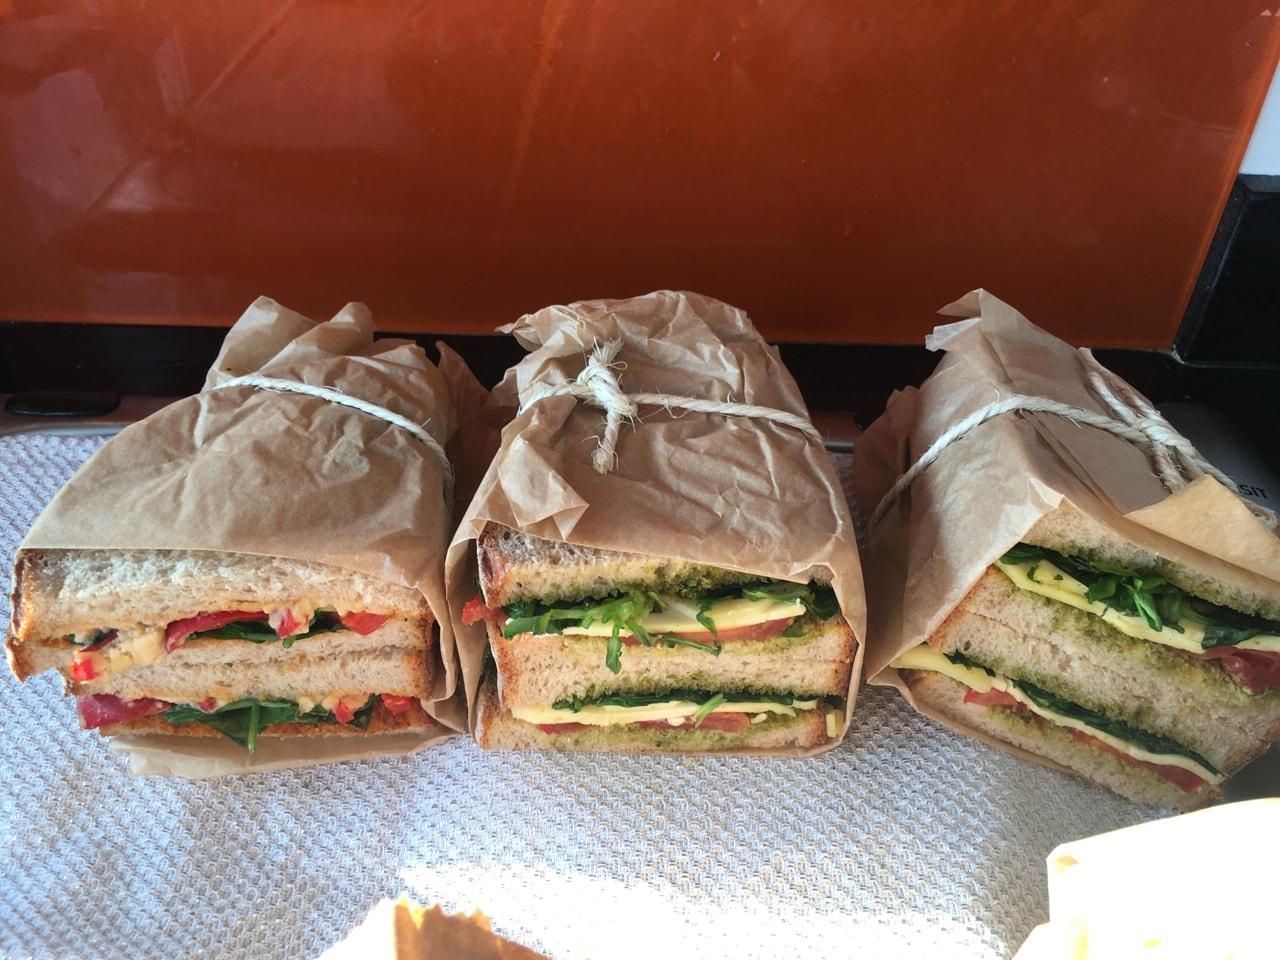 Timber Yard Seven Dials sandwich